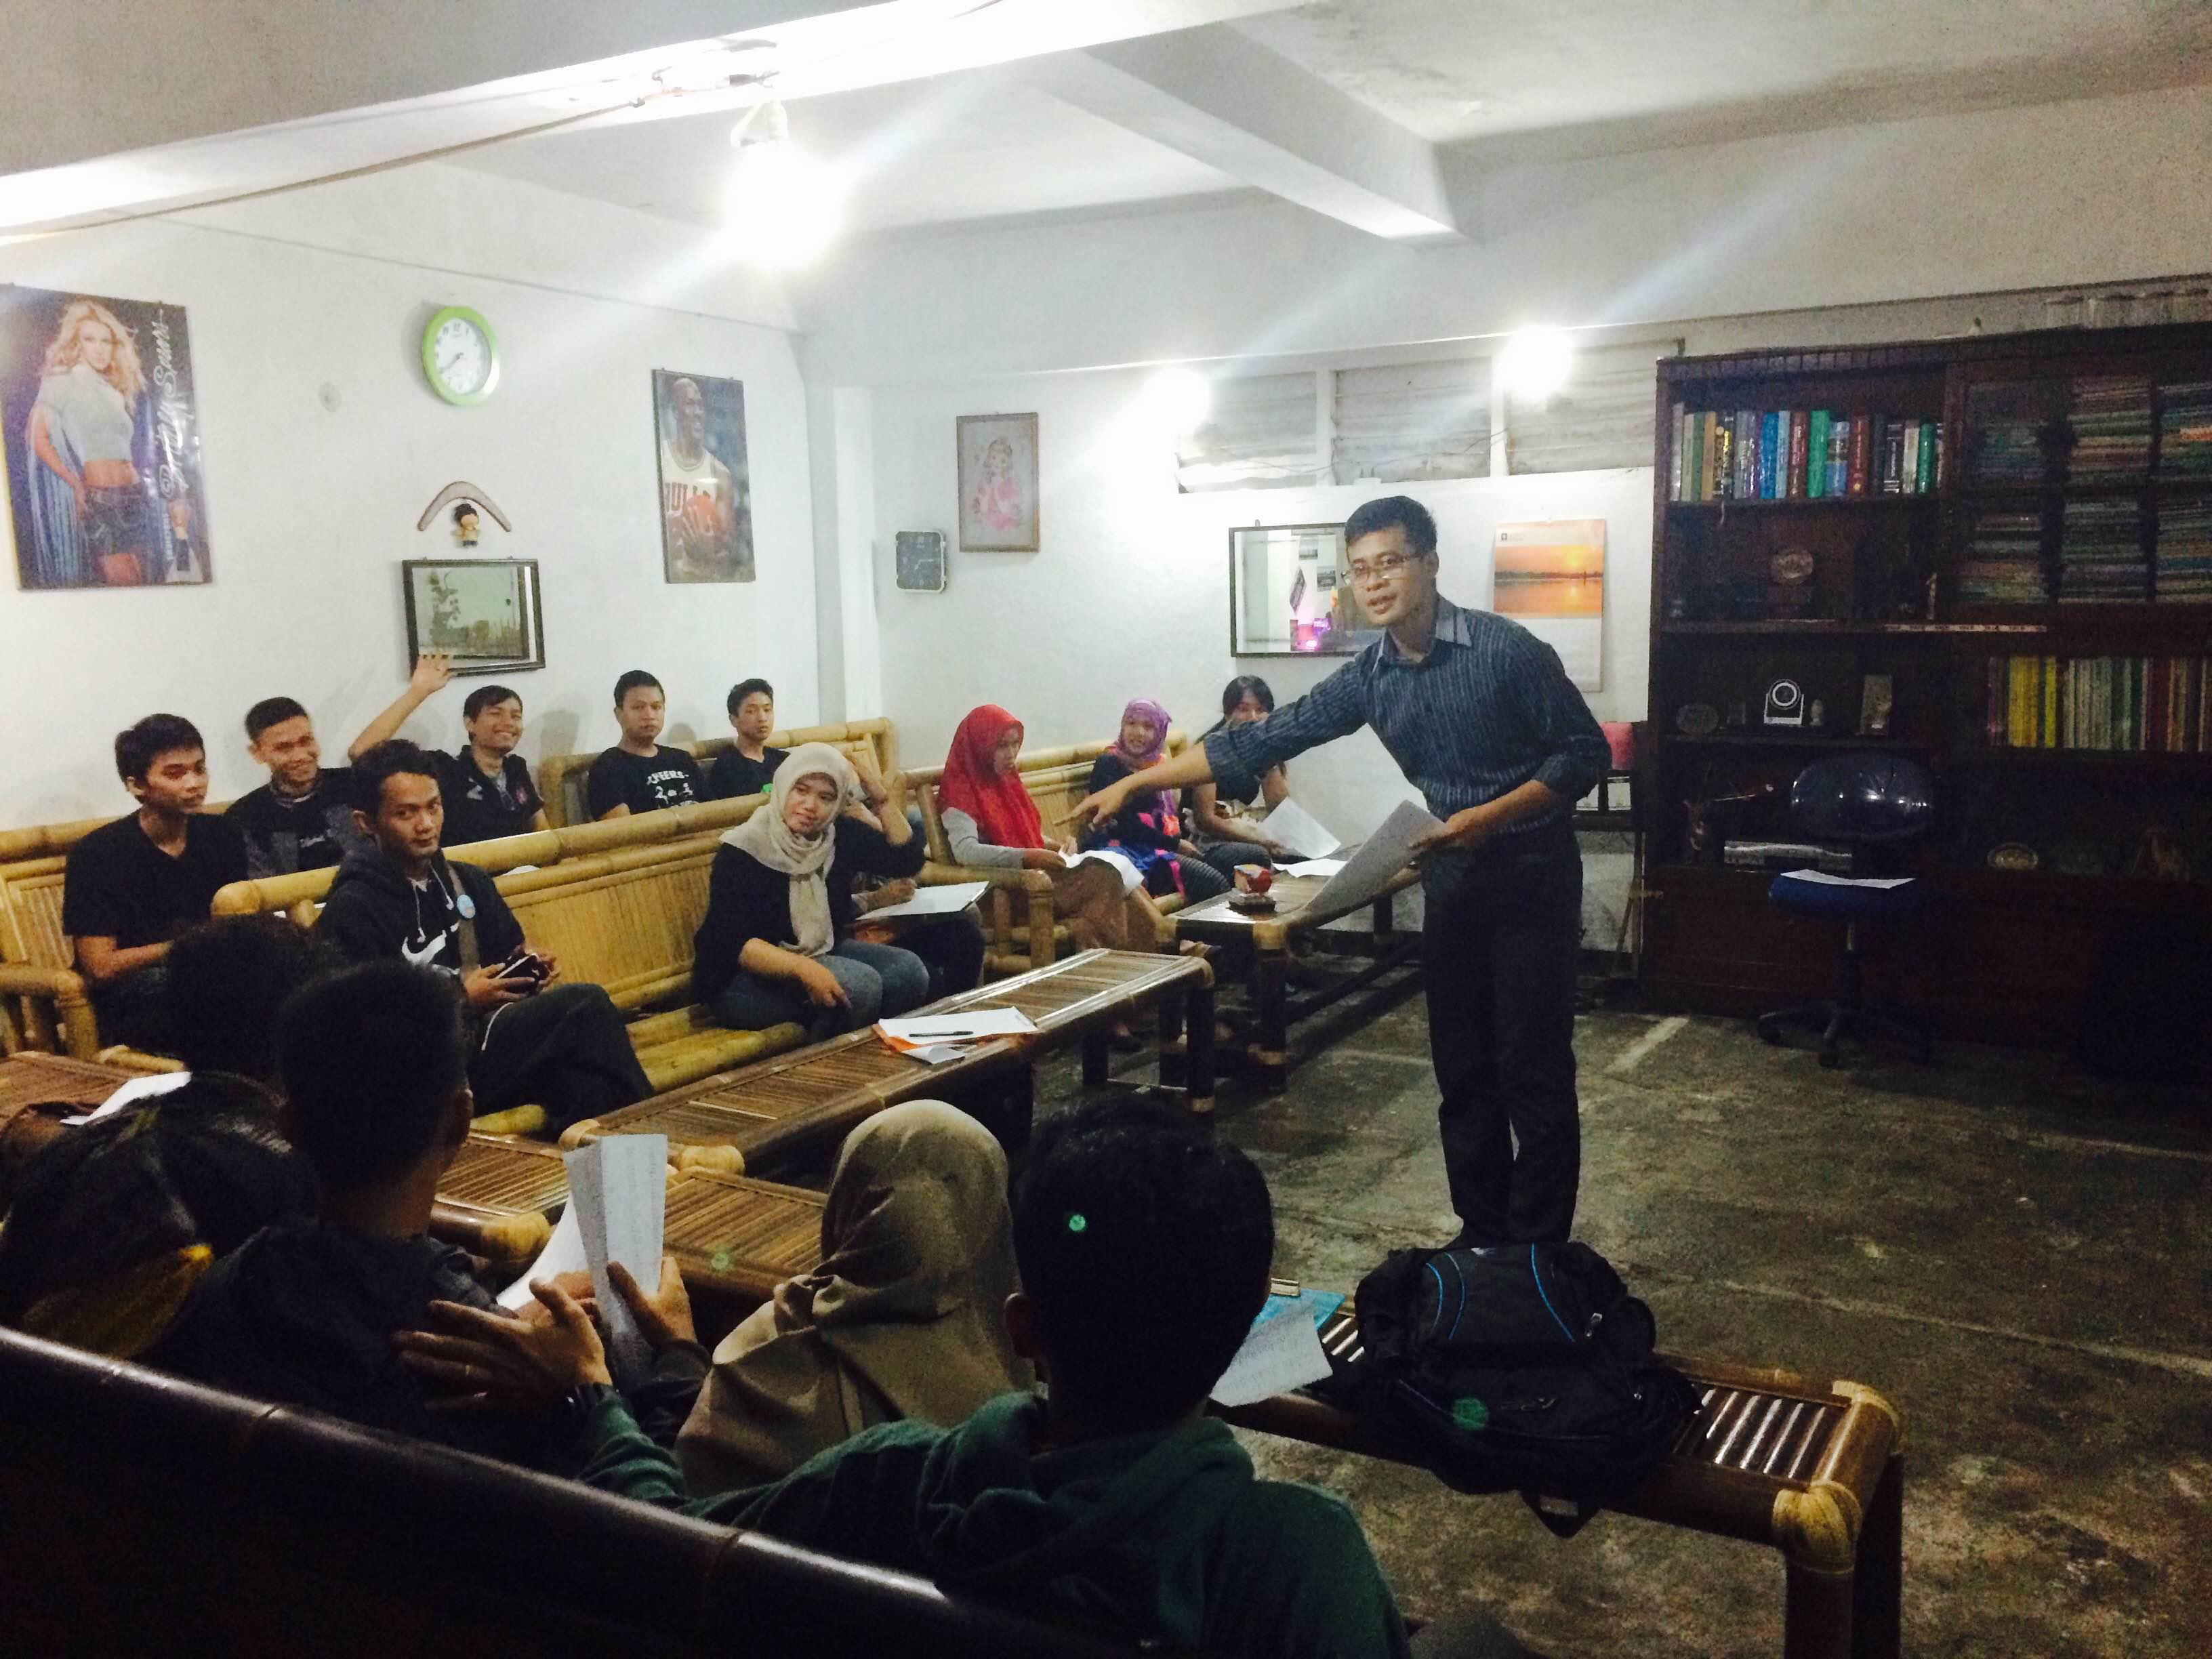 Kursus Bahasa Inggris termurah di Indonesia, Rp 5000/100 menit